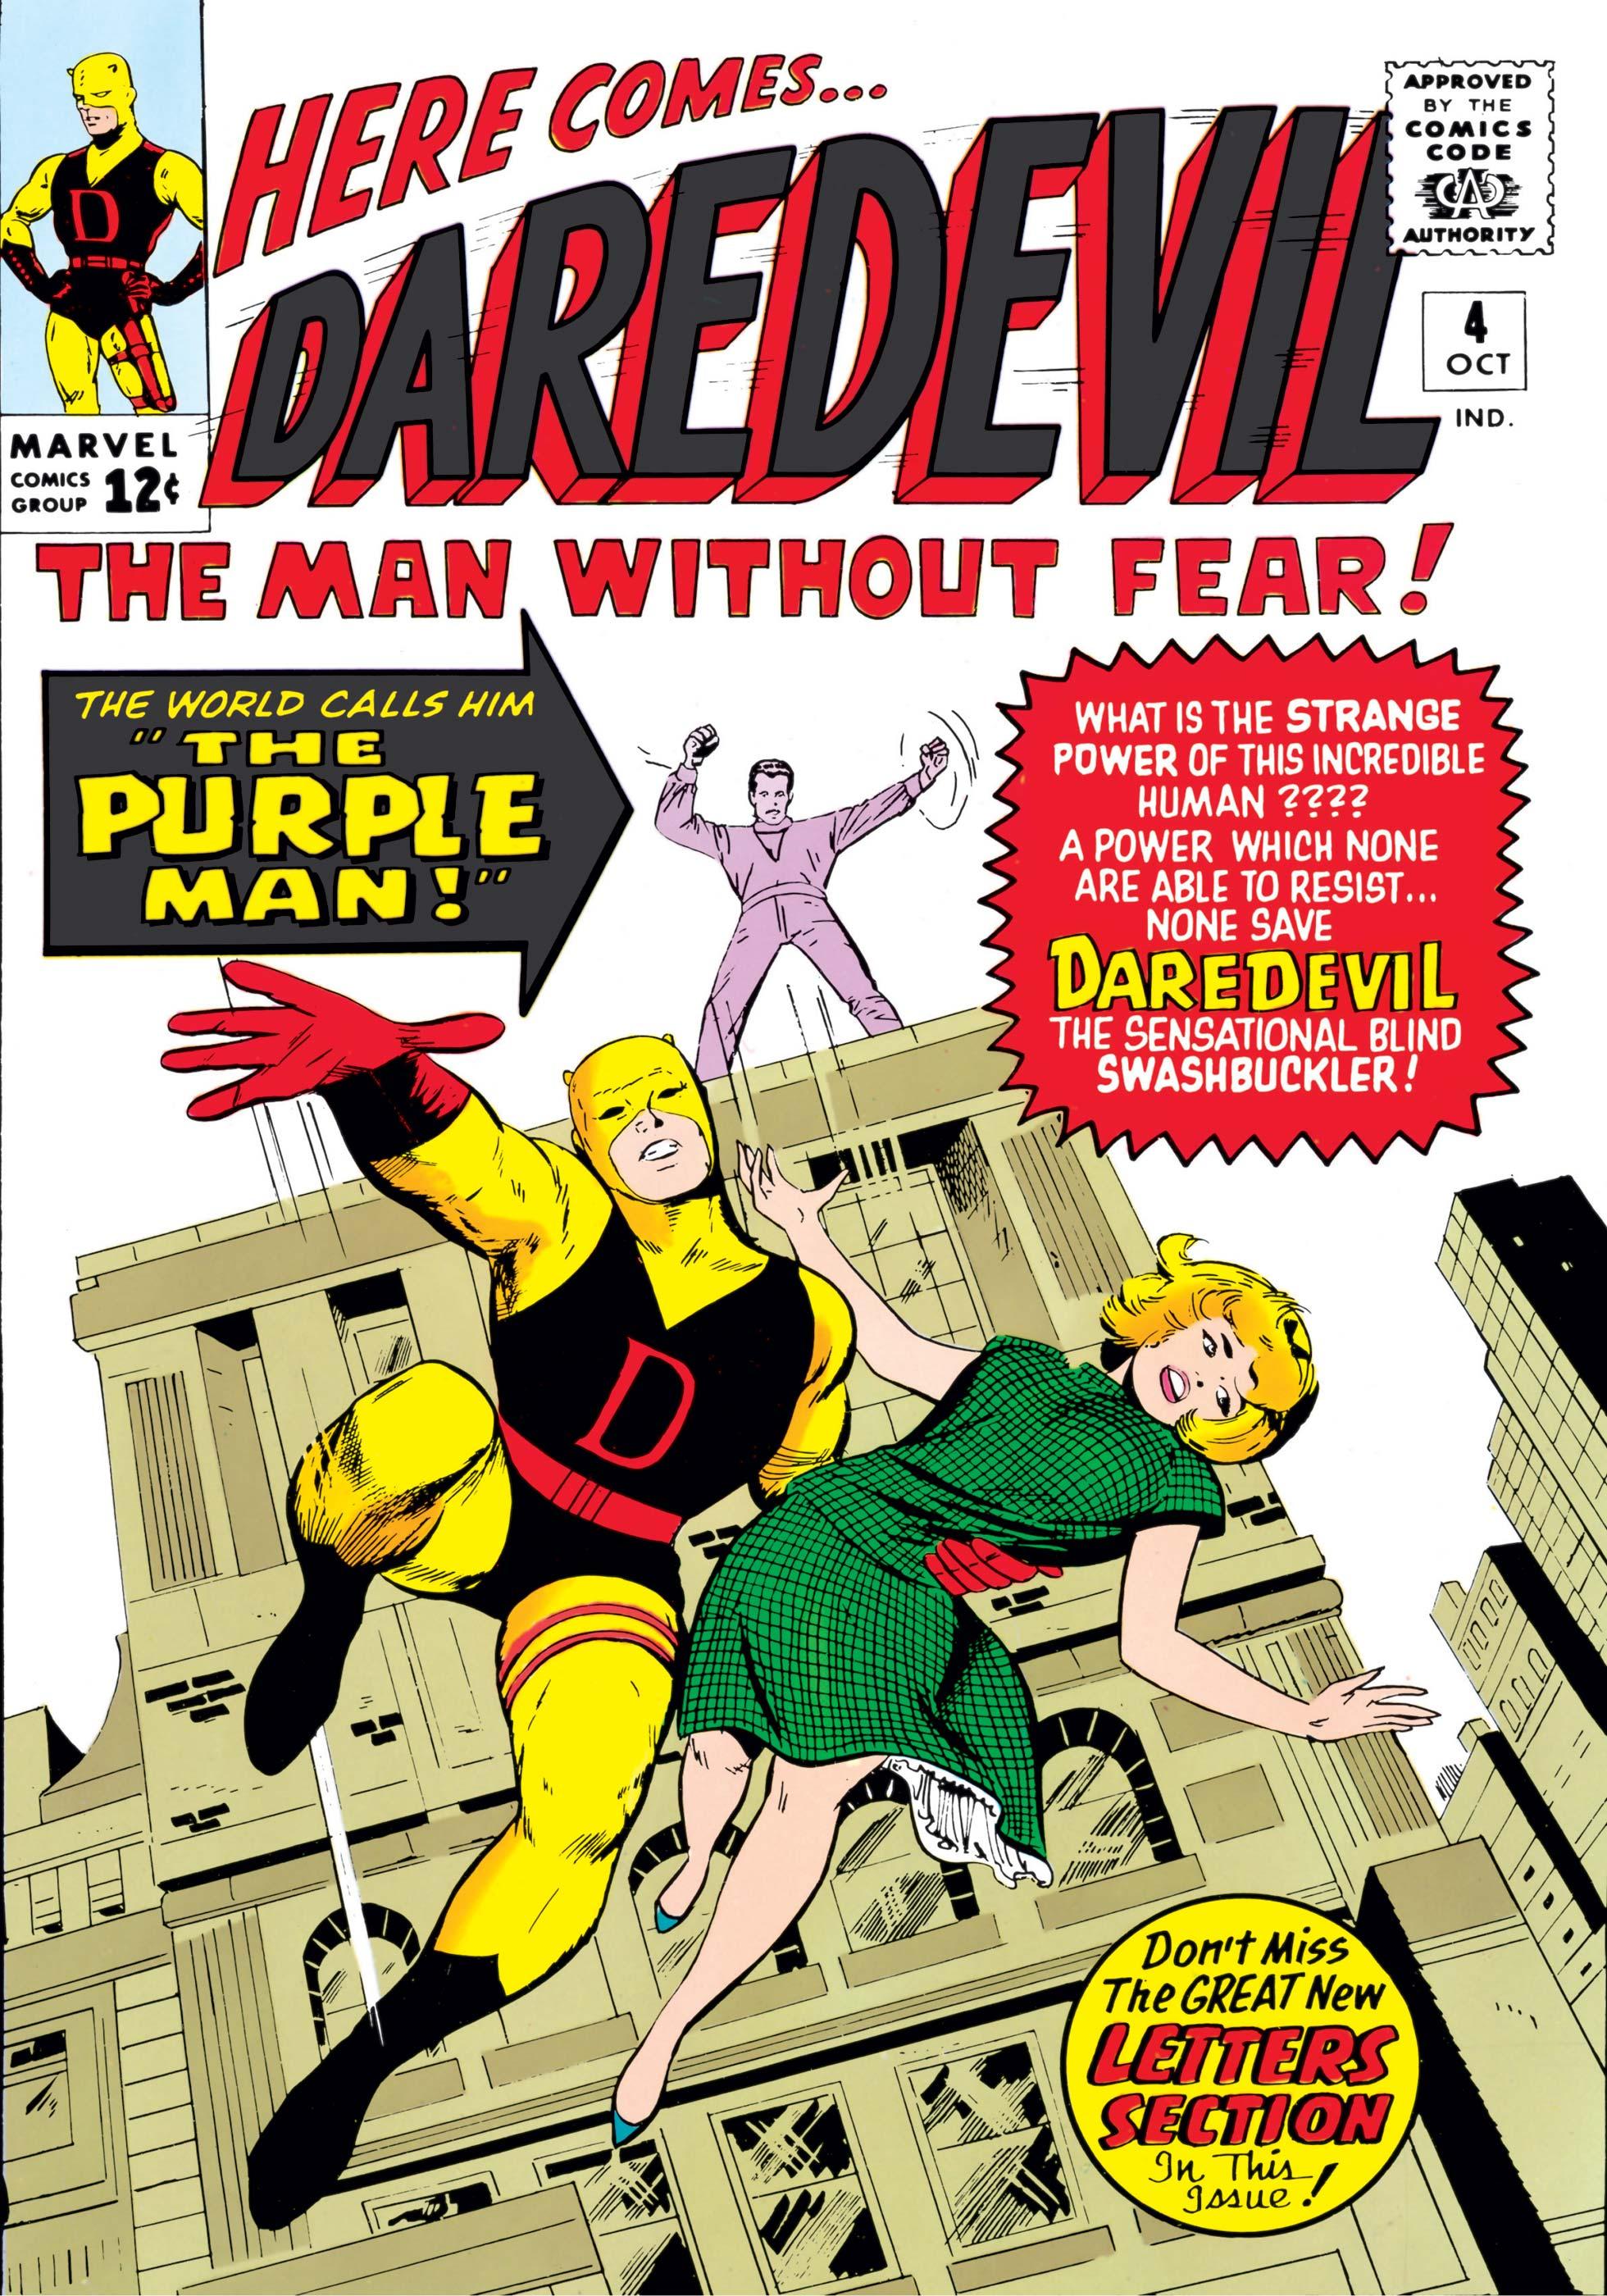 Daredevil (1964) #4